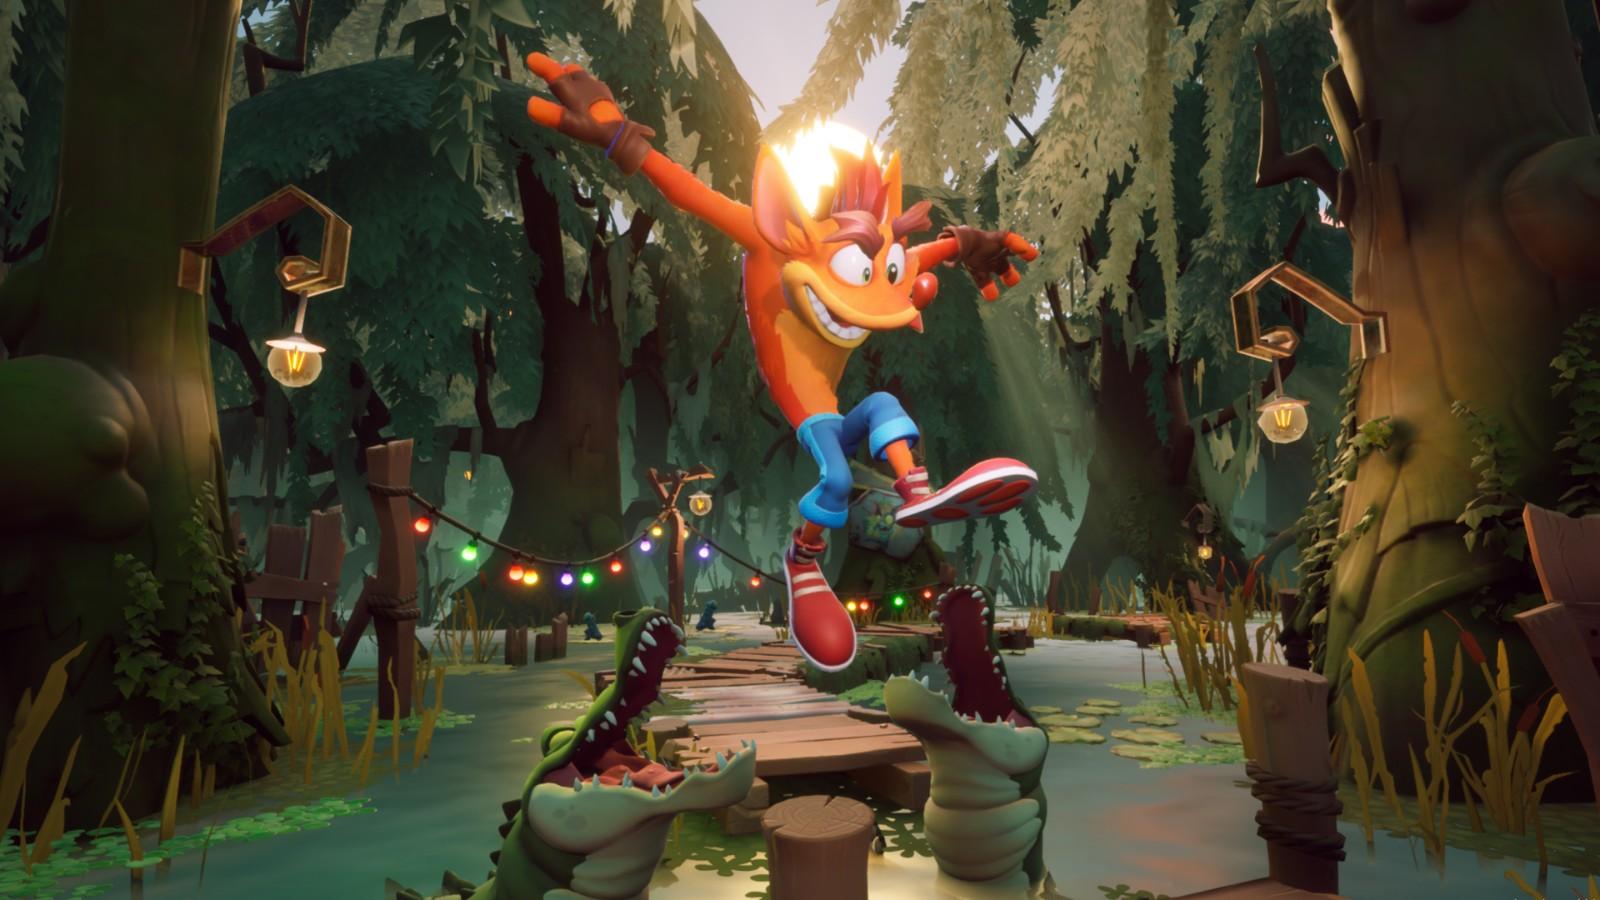 《古惑狼4》将登陆PC和新主机平台 次世代截图公开